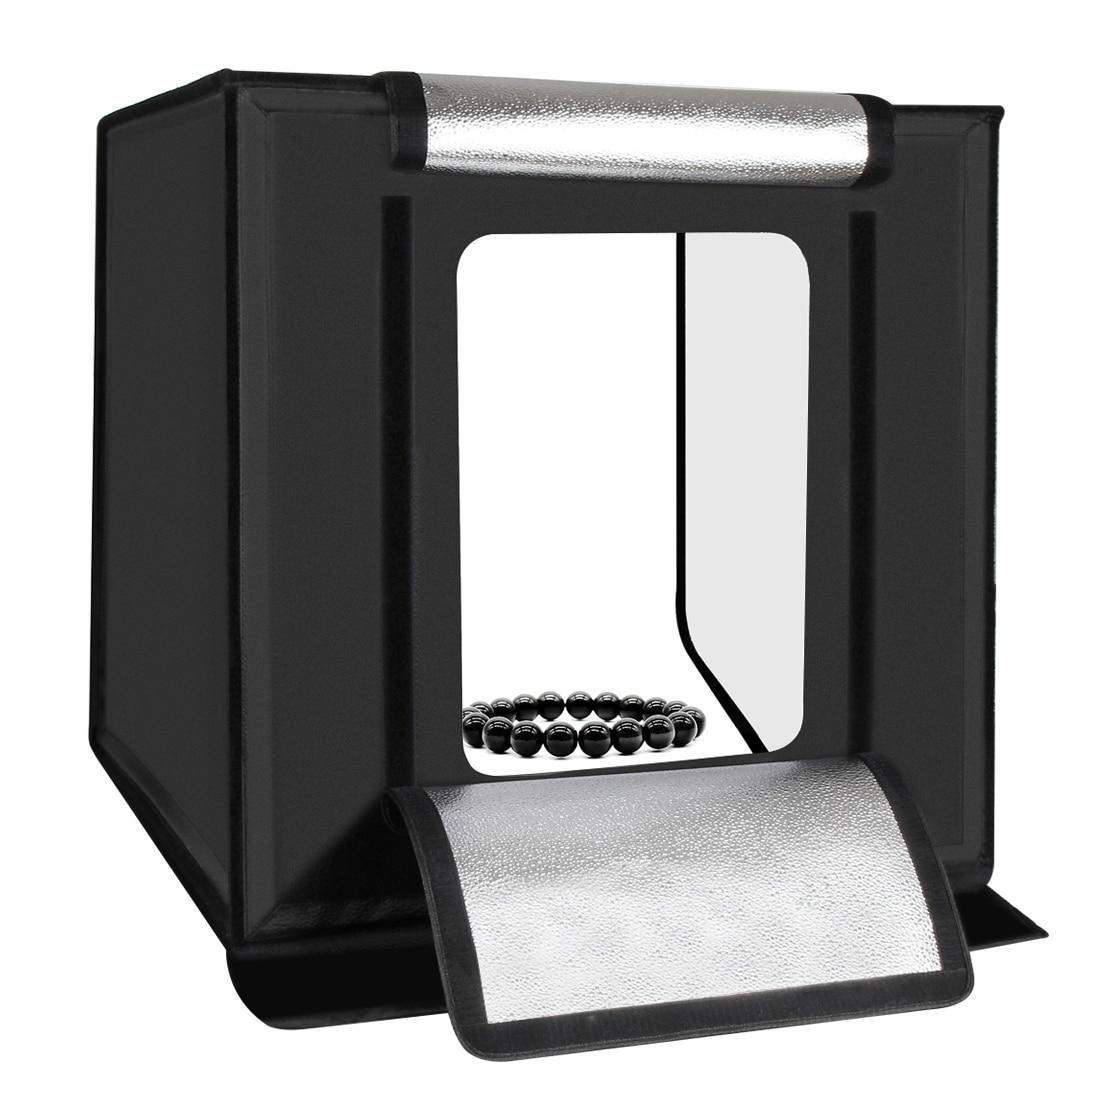 PULUZ 60x60x60 см портативный мини фото студия короб фото коробка со встроенным освещением аксессуары для фотостудий США Plug